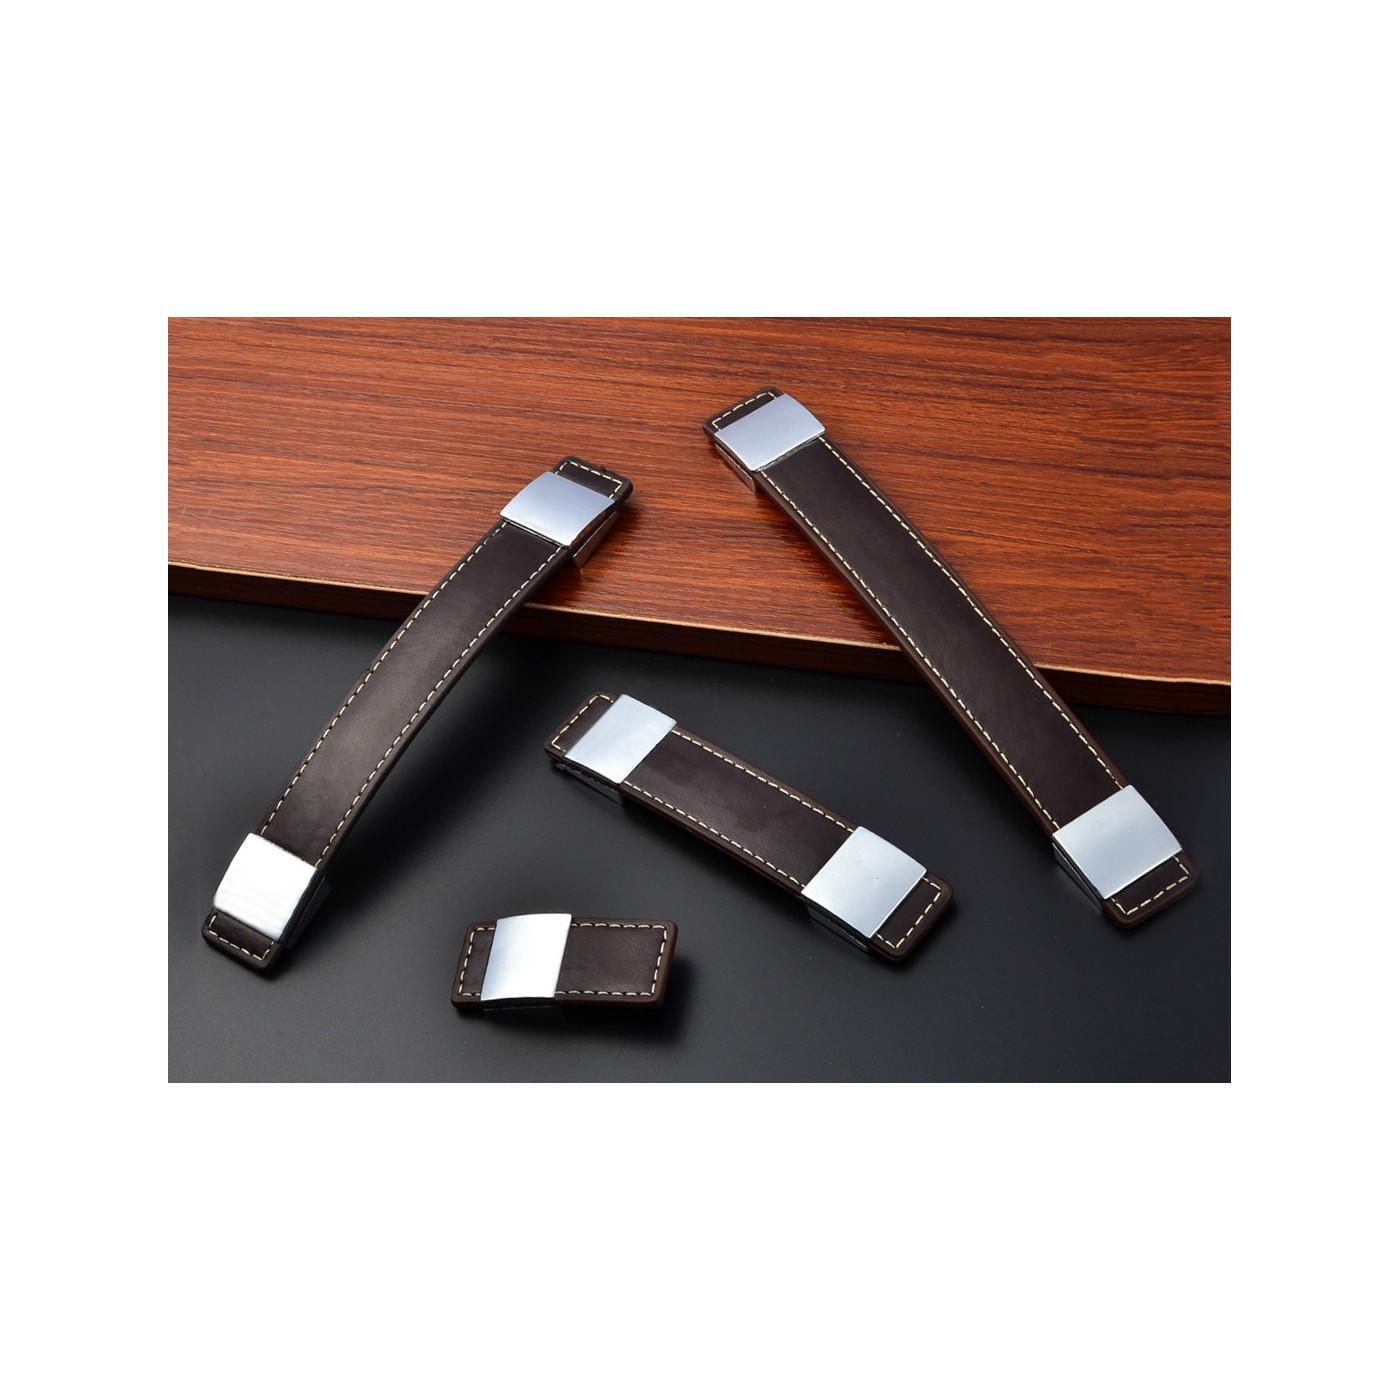 Set van 4 lederen handgrepen meubels (242x30 mm, donkerbruin)  - 1